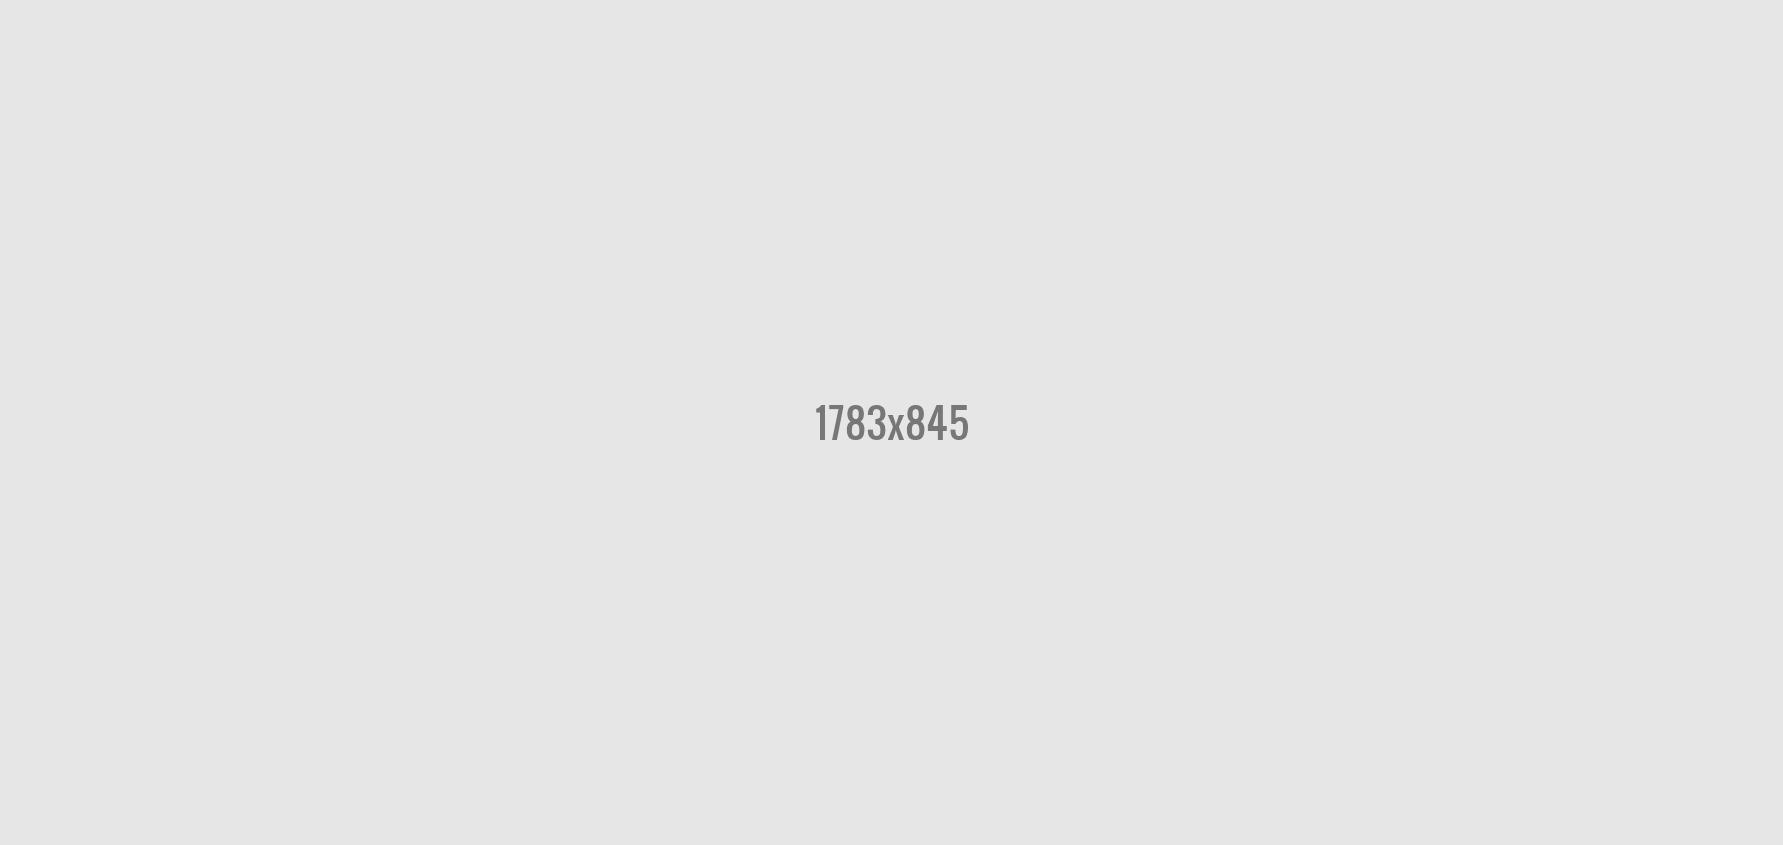 Plazathemes/bannerslider/images/s/l/slider1_1_1.jpg